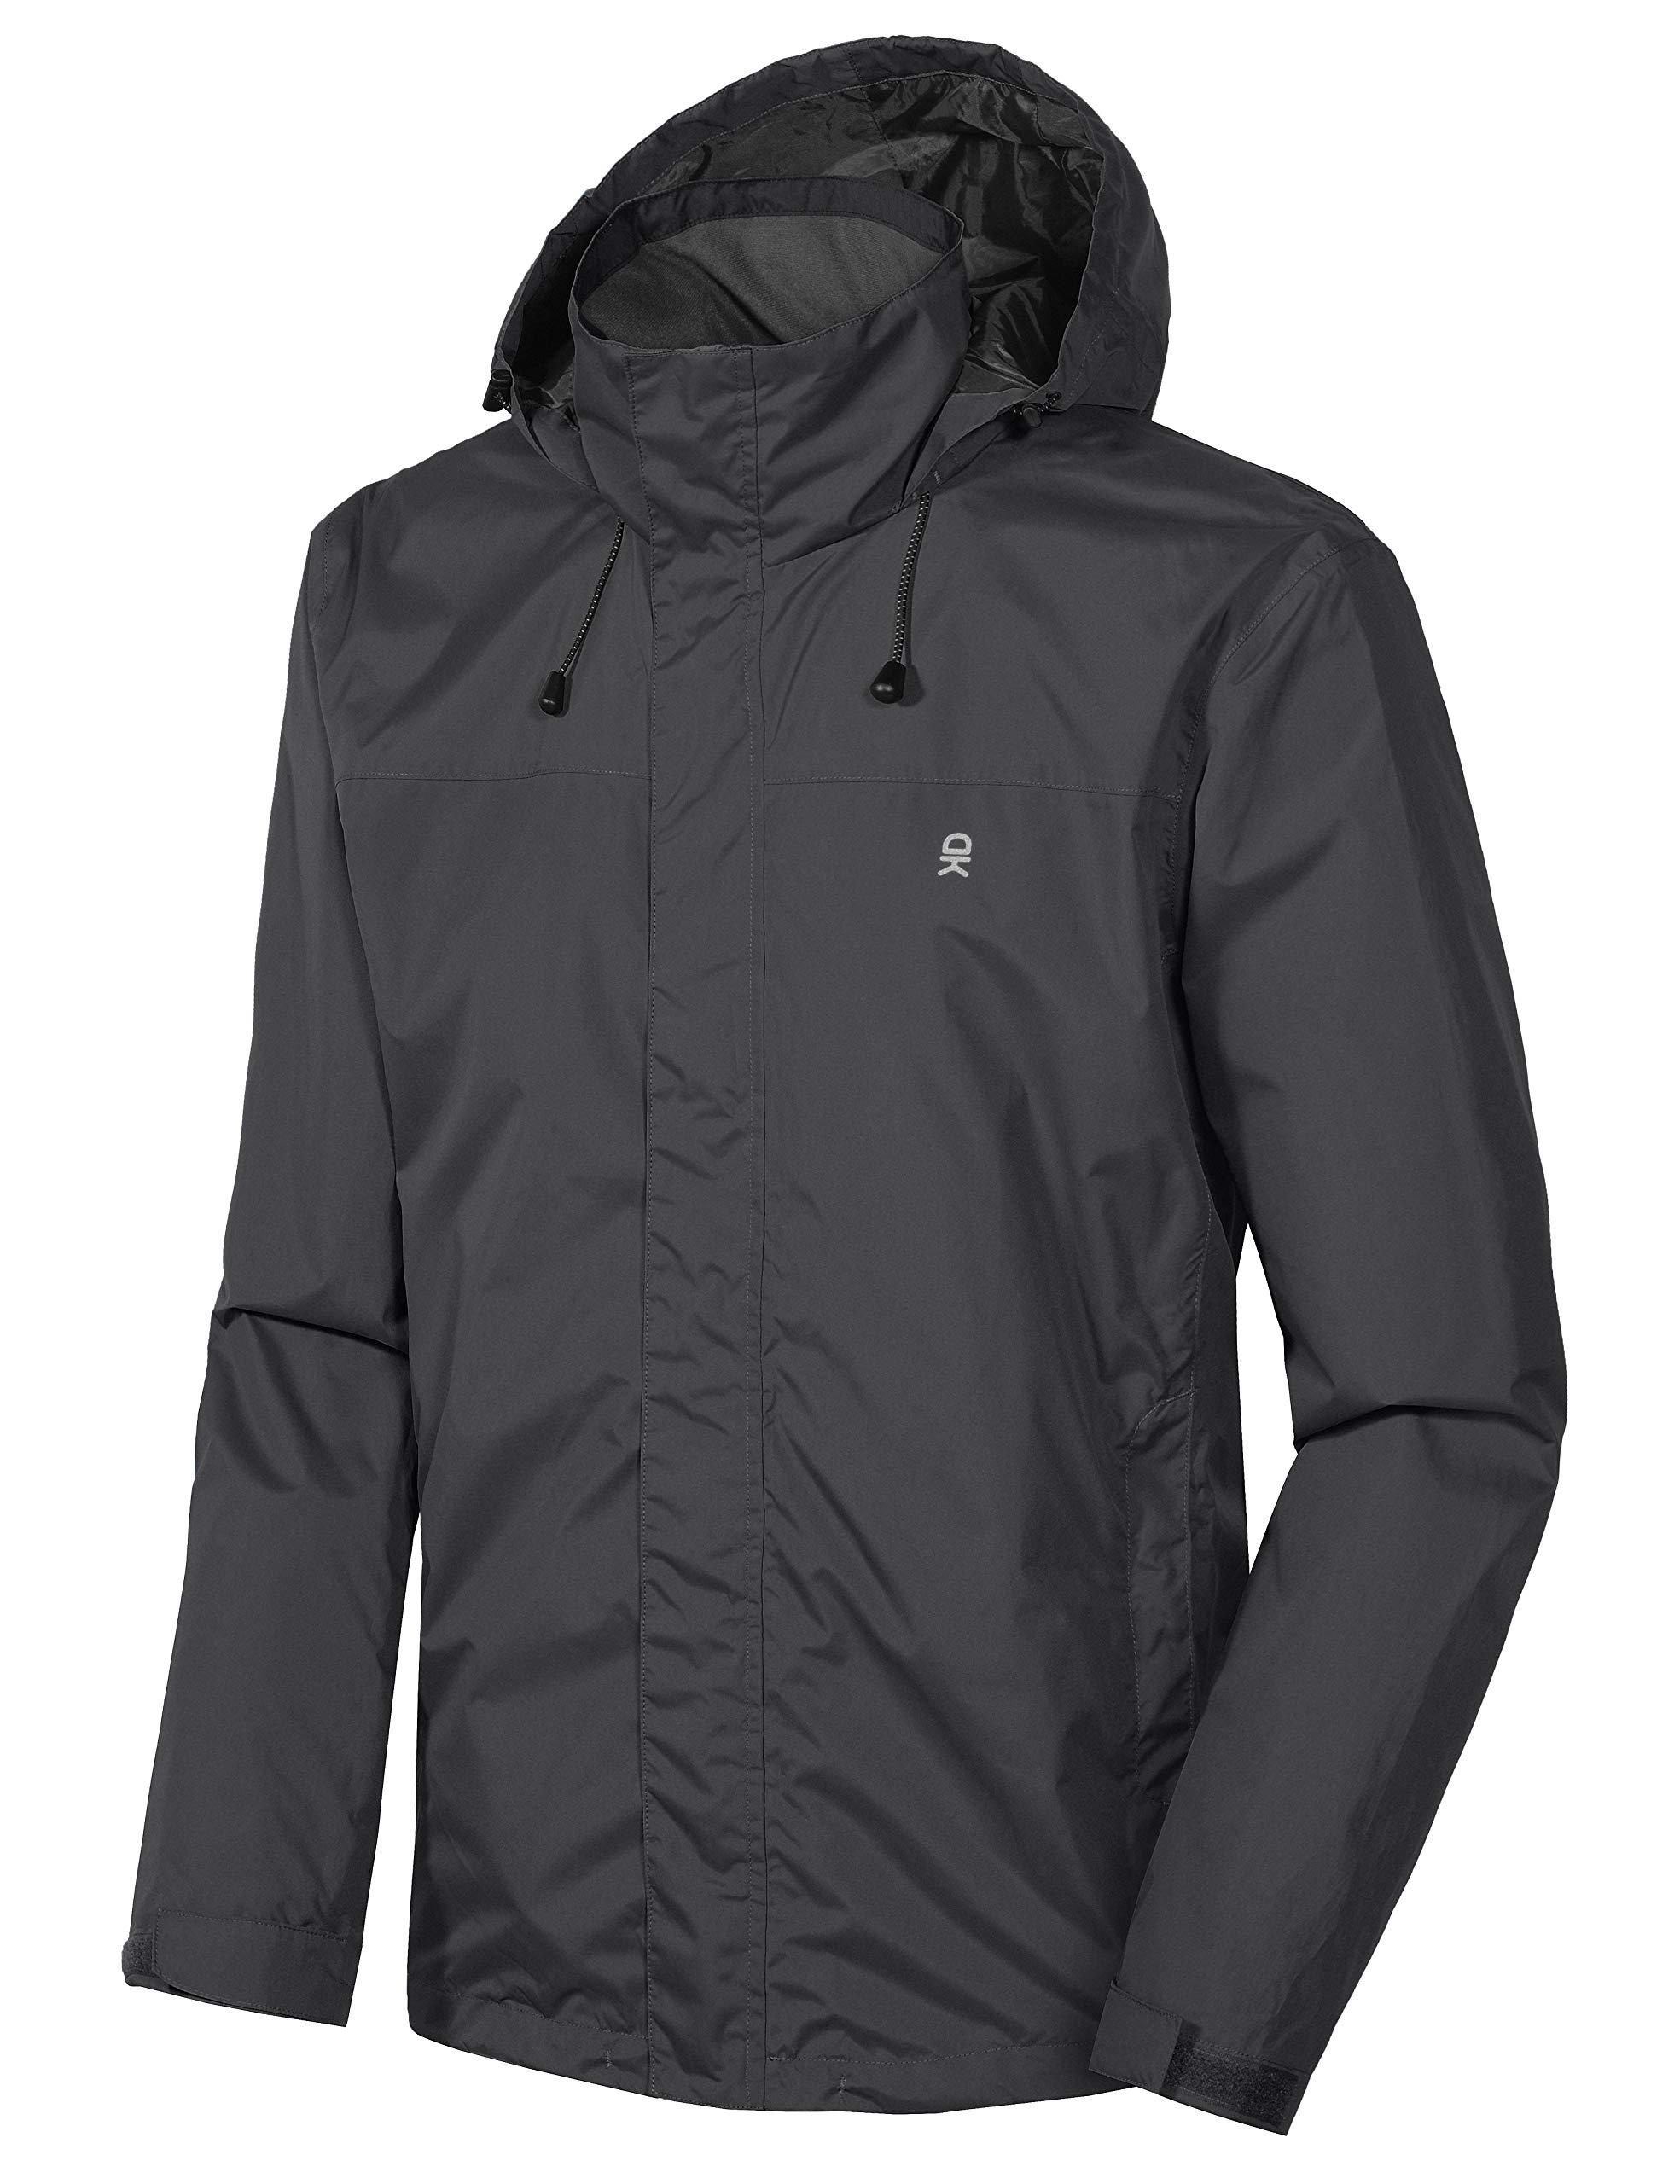 Little Donkey Andy Men's Waterproof Mountain Jacket, Rain Jacket Black Size L by Little Donkey Andy